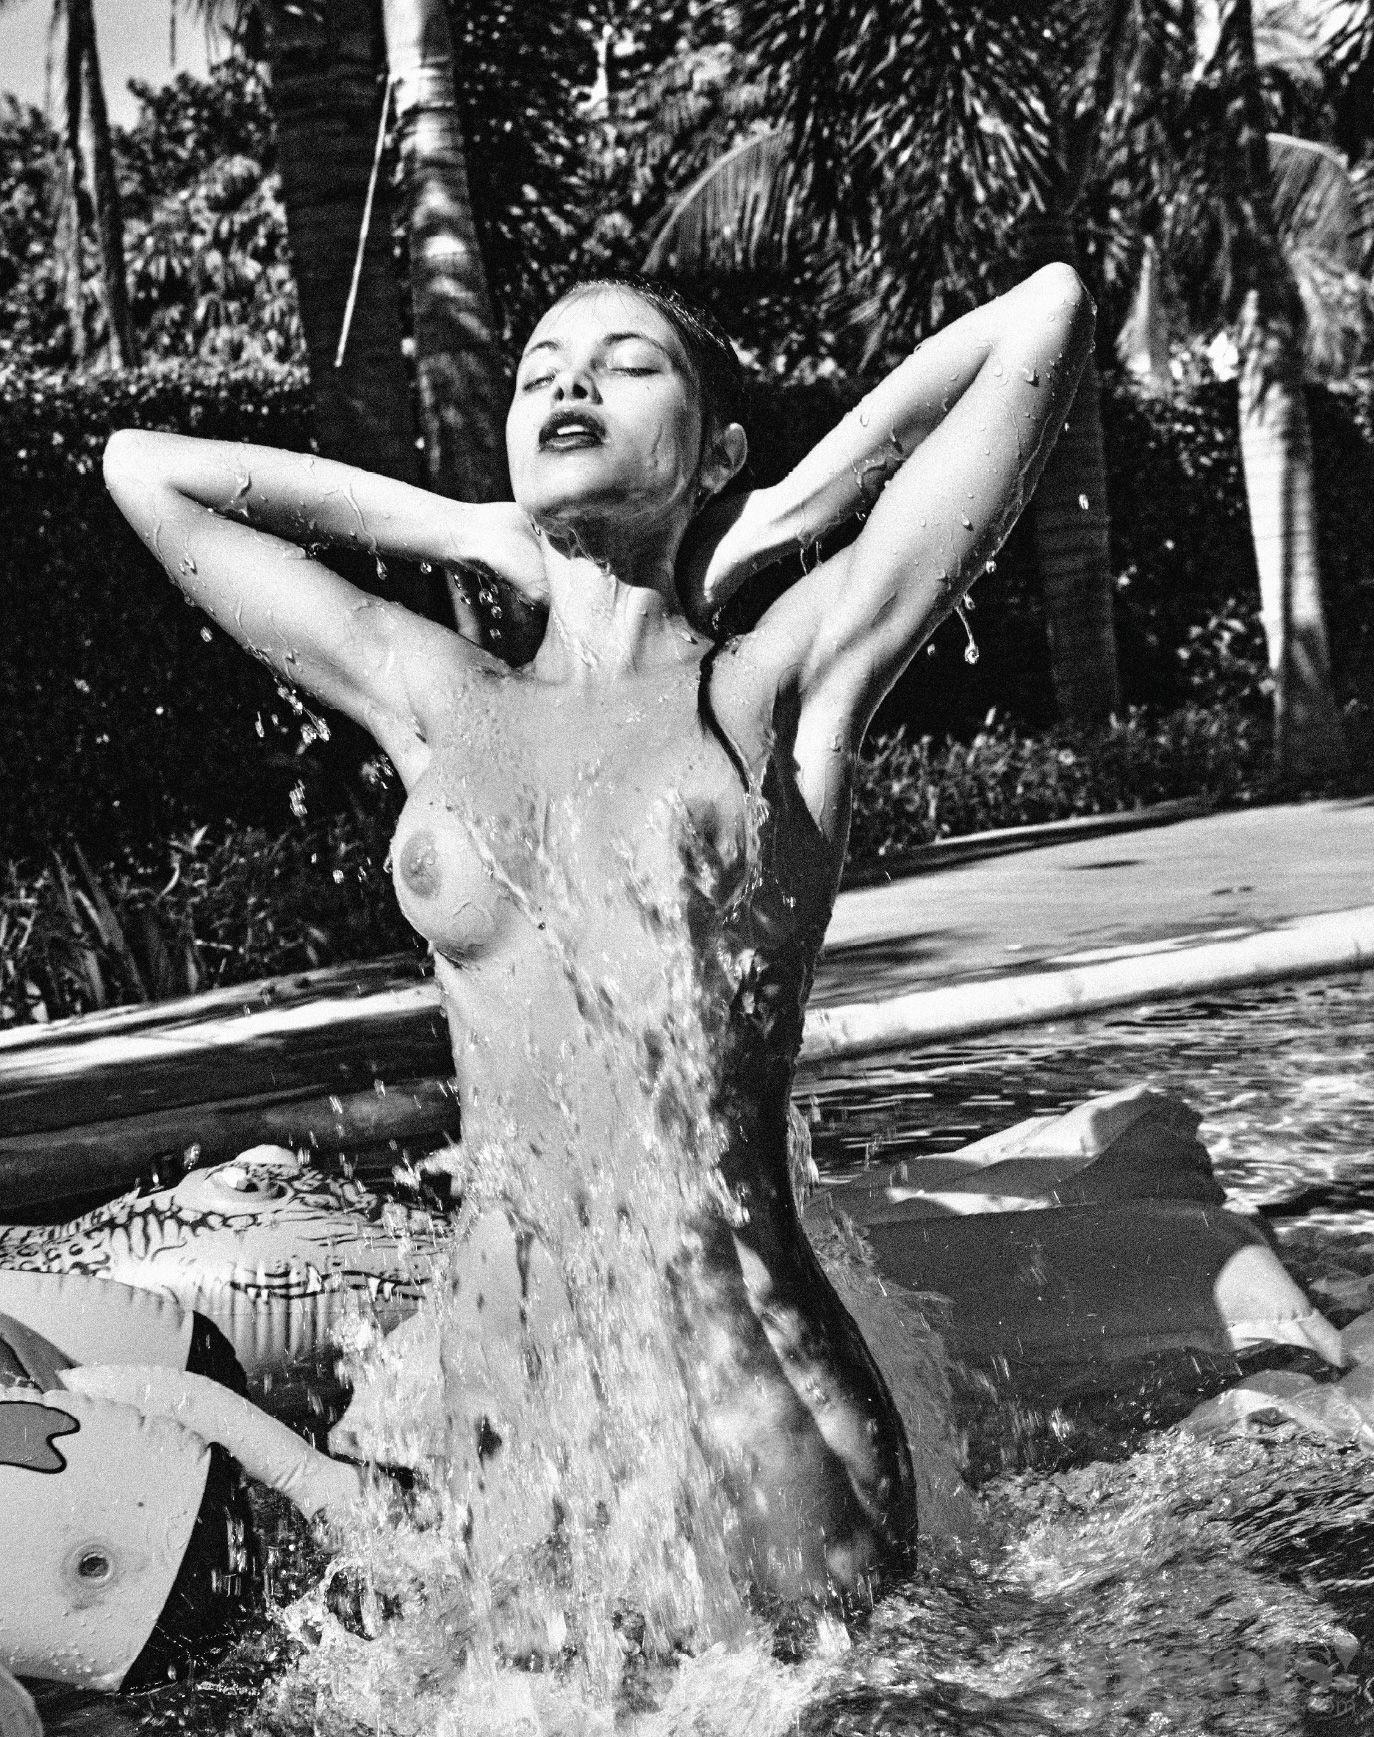 Yara-Khmidan-Nude-Photos-12